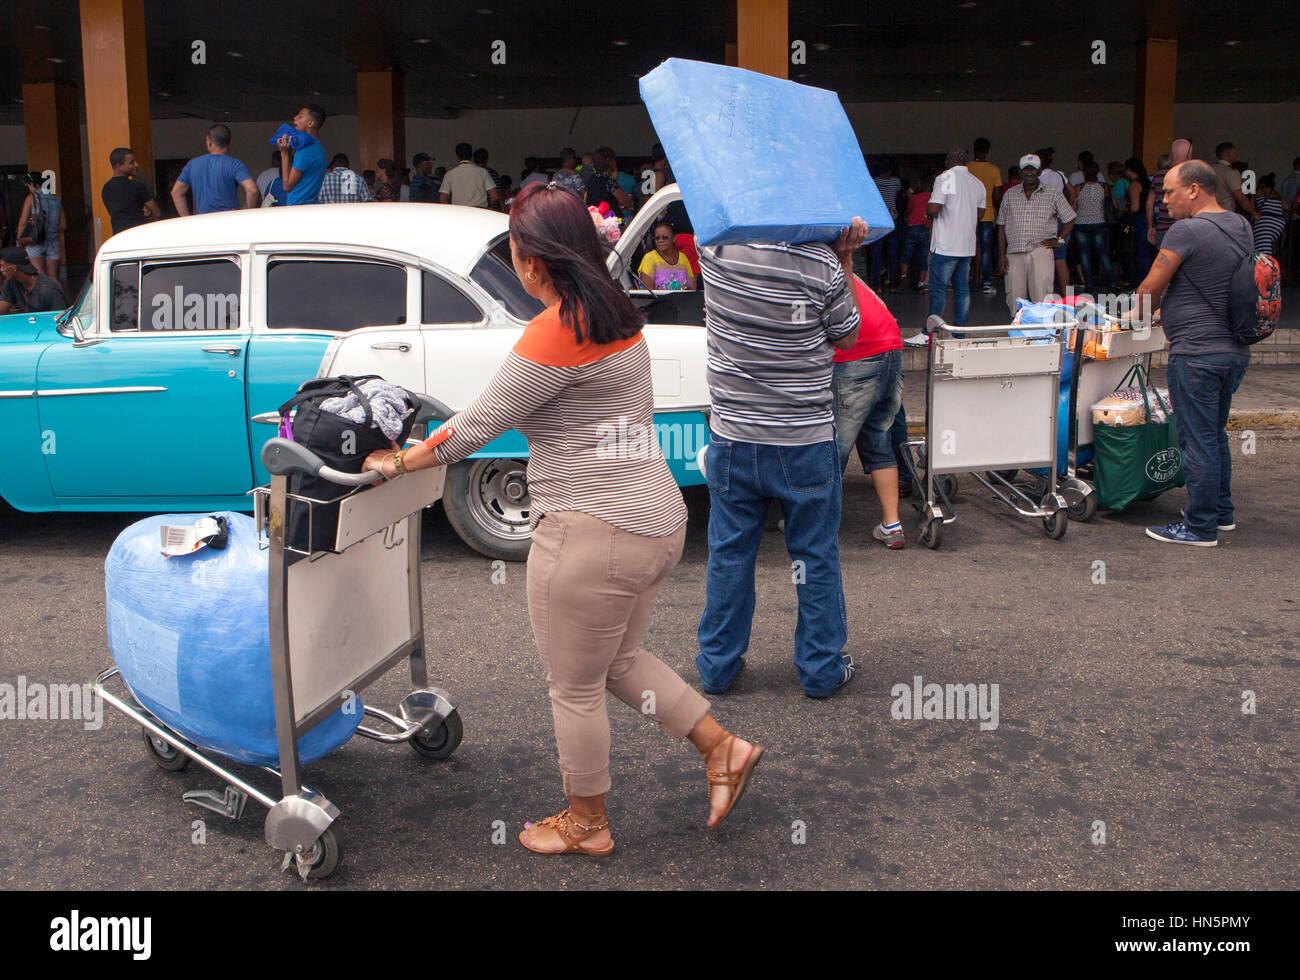 Un vuelo de American Airlines desde Miami con la mayoría de los cubano-americanos llegan al aeropuerto José Imagen De Stock